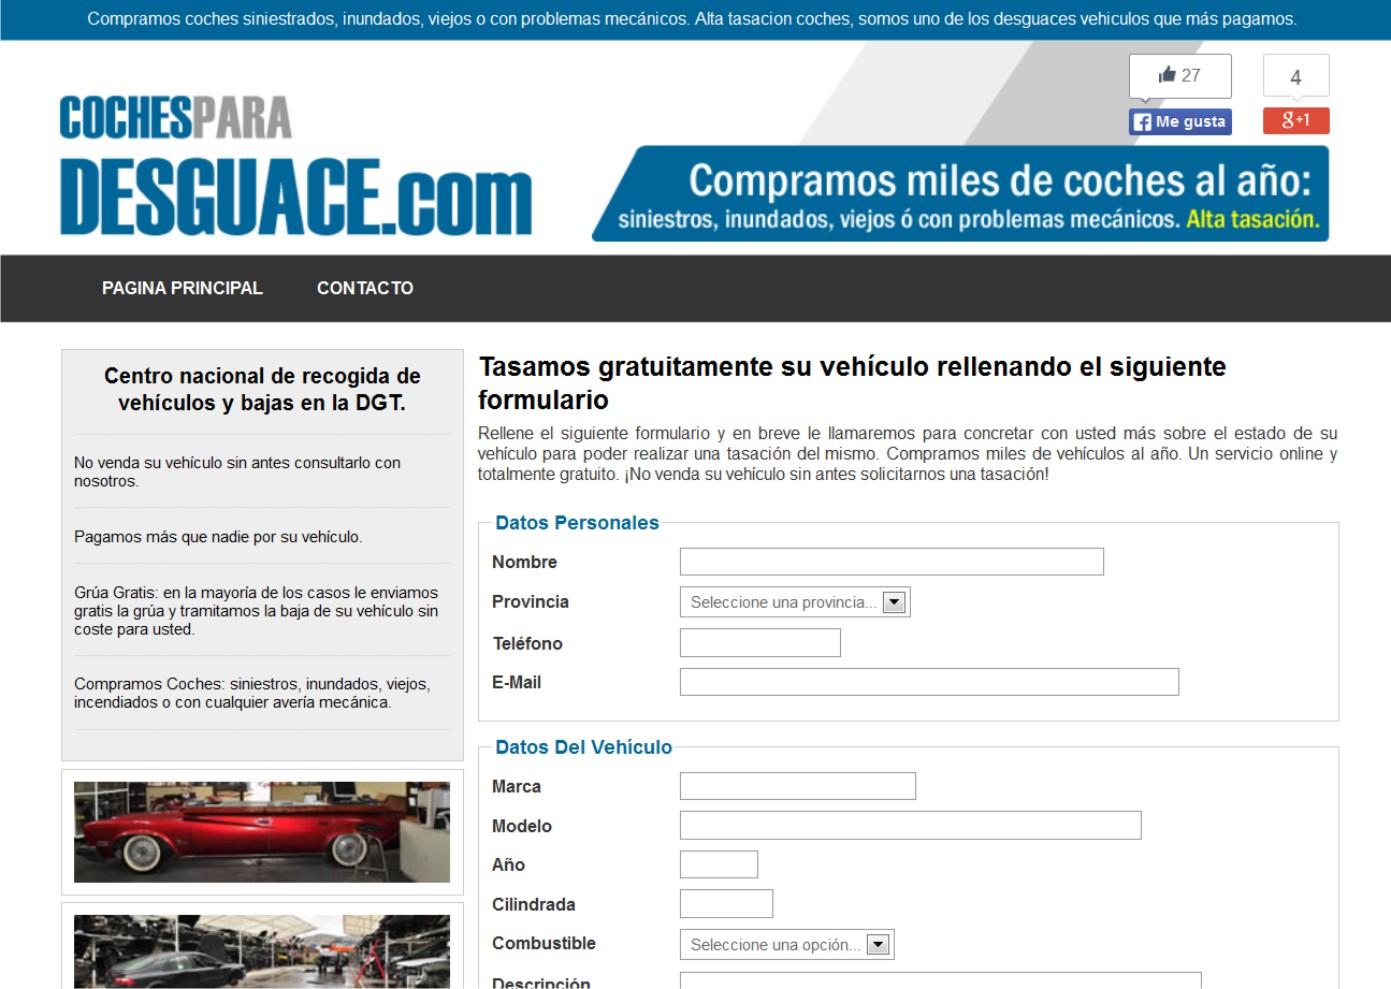 cochesparadesguace